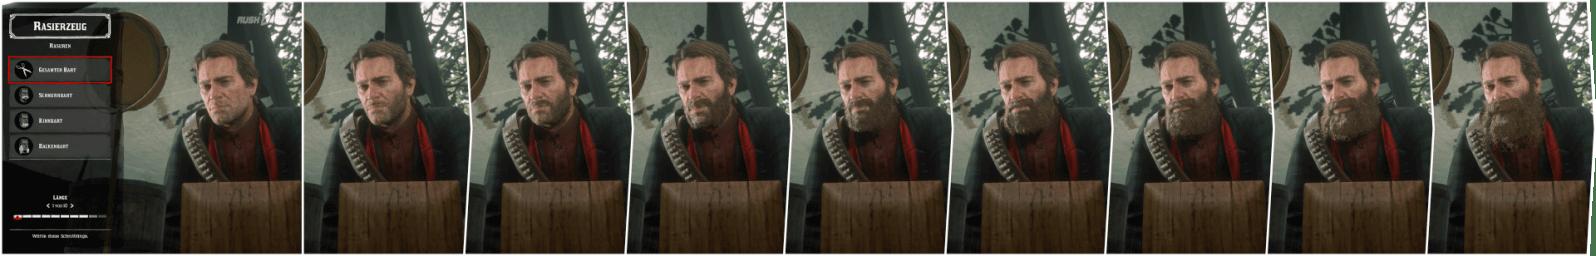 Red Dead Redemption 2: Der maximale Vollbart kann nur durch die regelmäßige Einnahme von Haartinkturen erreicht werden.